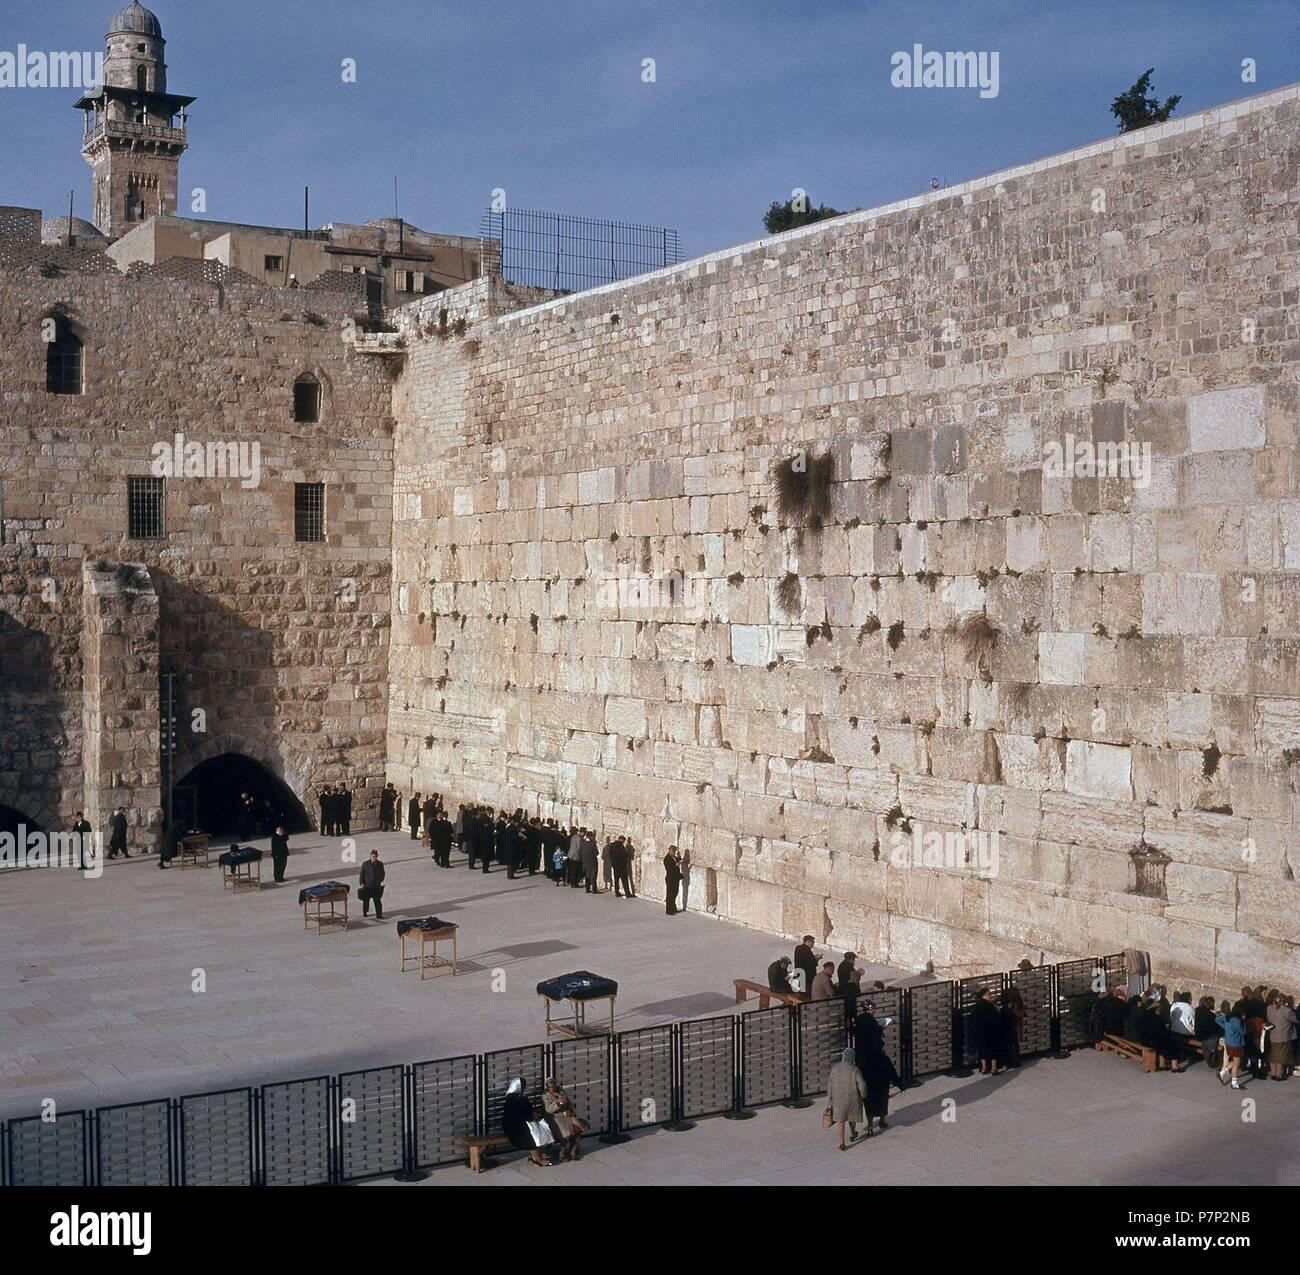 MURO DE LAS LAMENTACIONES CON FIELES ORANDO -  HOMBRES A LA DERECHA Y MUJERES A LA IZQUIERDA. Location: MURO DE LAMENTACIONES, JERUSALEM. - Stock Image